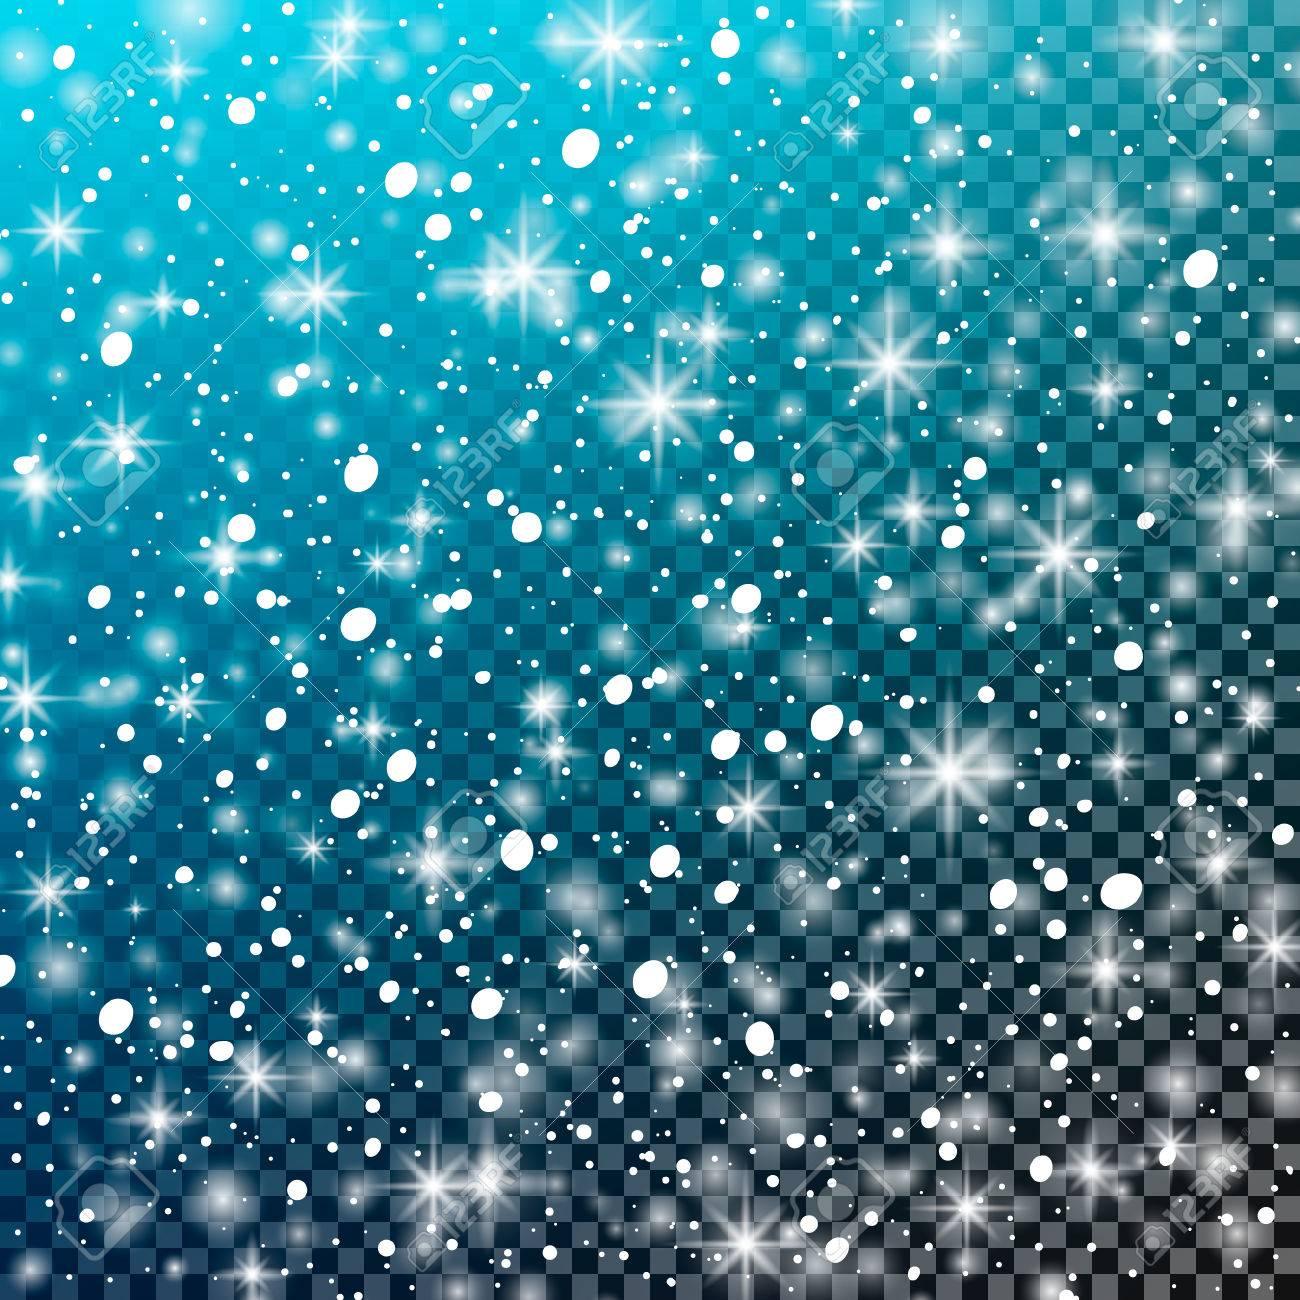 Vettoriale Neve Che Cade Su Uno Sfondo Blu Trasparente